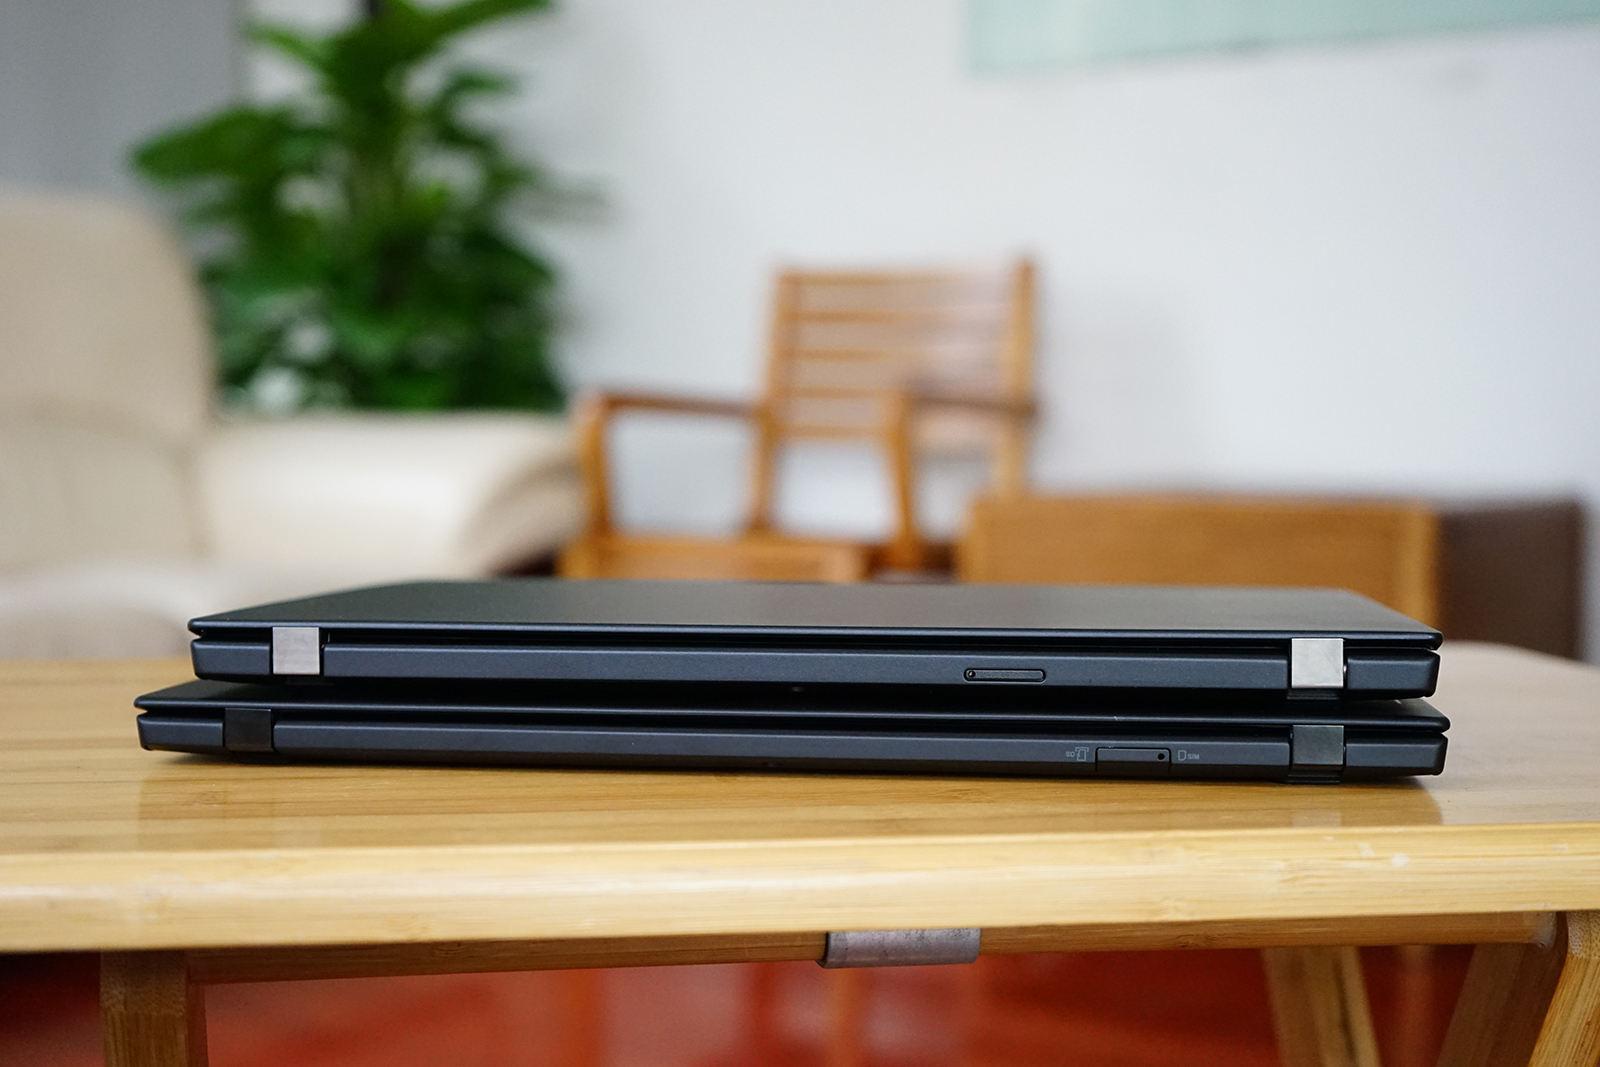 Lenovo ThinkPad X280 Review - Laptopmain com